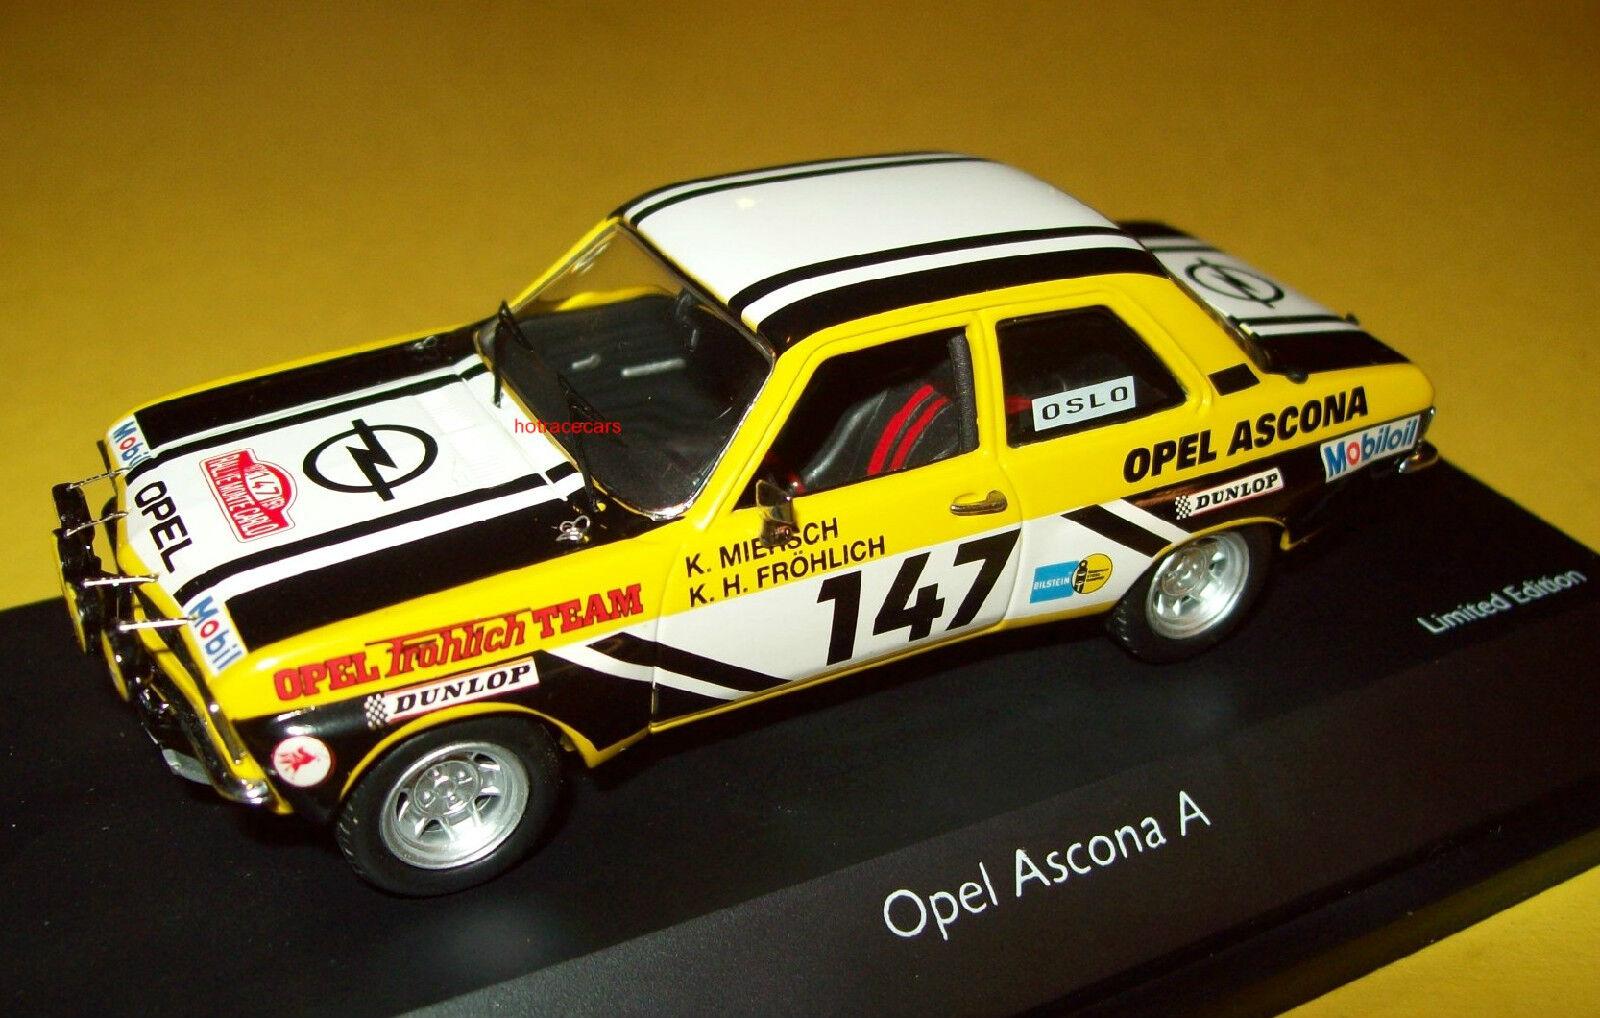 Opel Ascona A Rallye Rally Rally Rally Schuco 1 43 Frohlich Miersch New Base Cover 2b6fcc